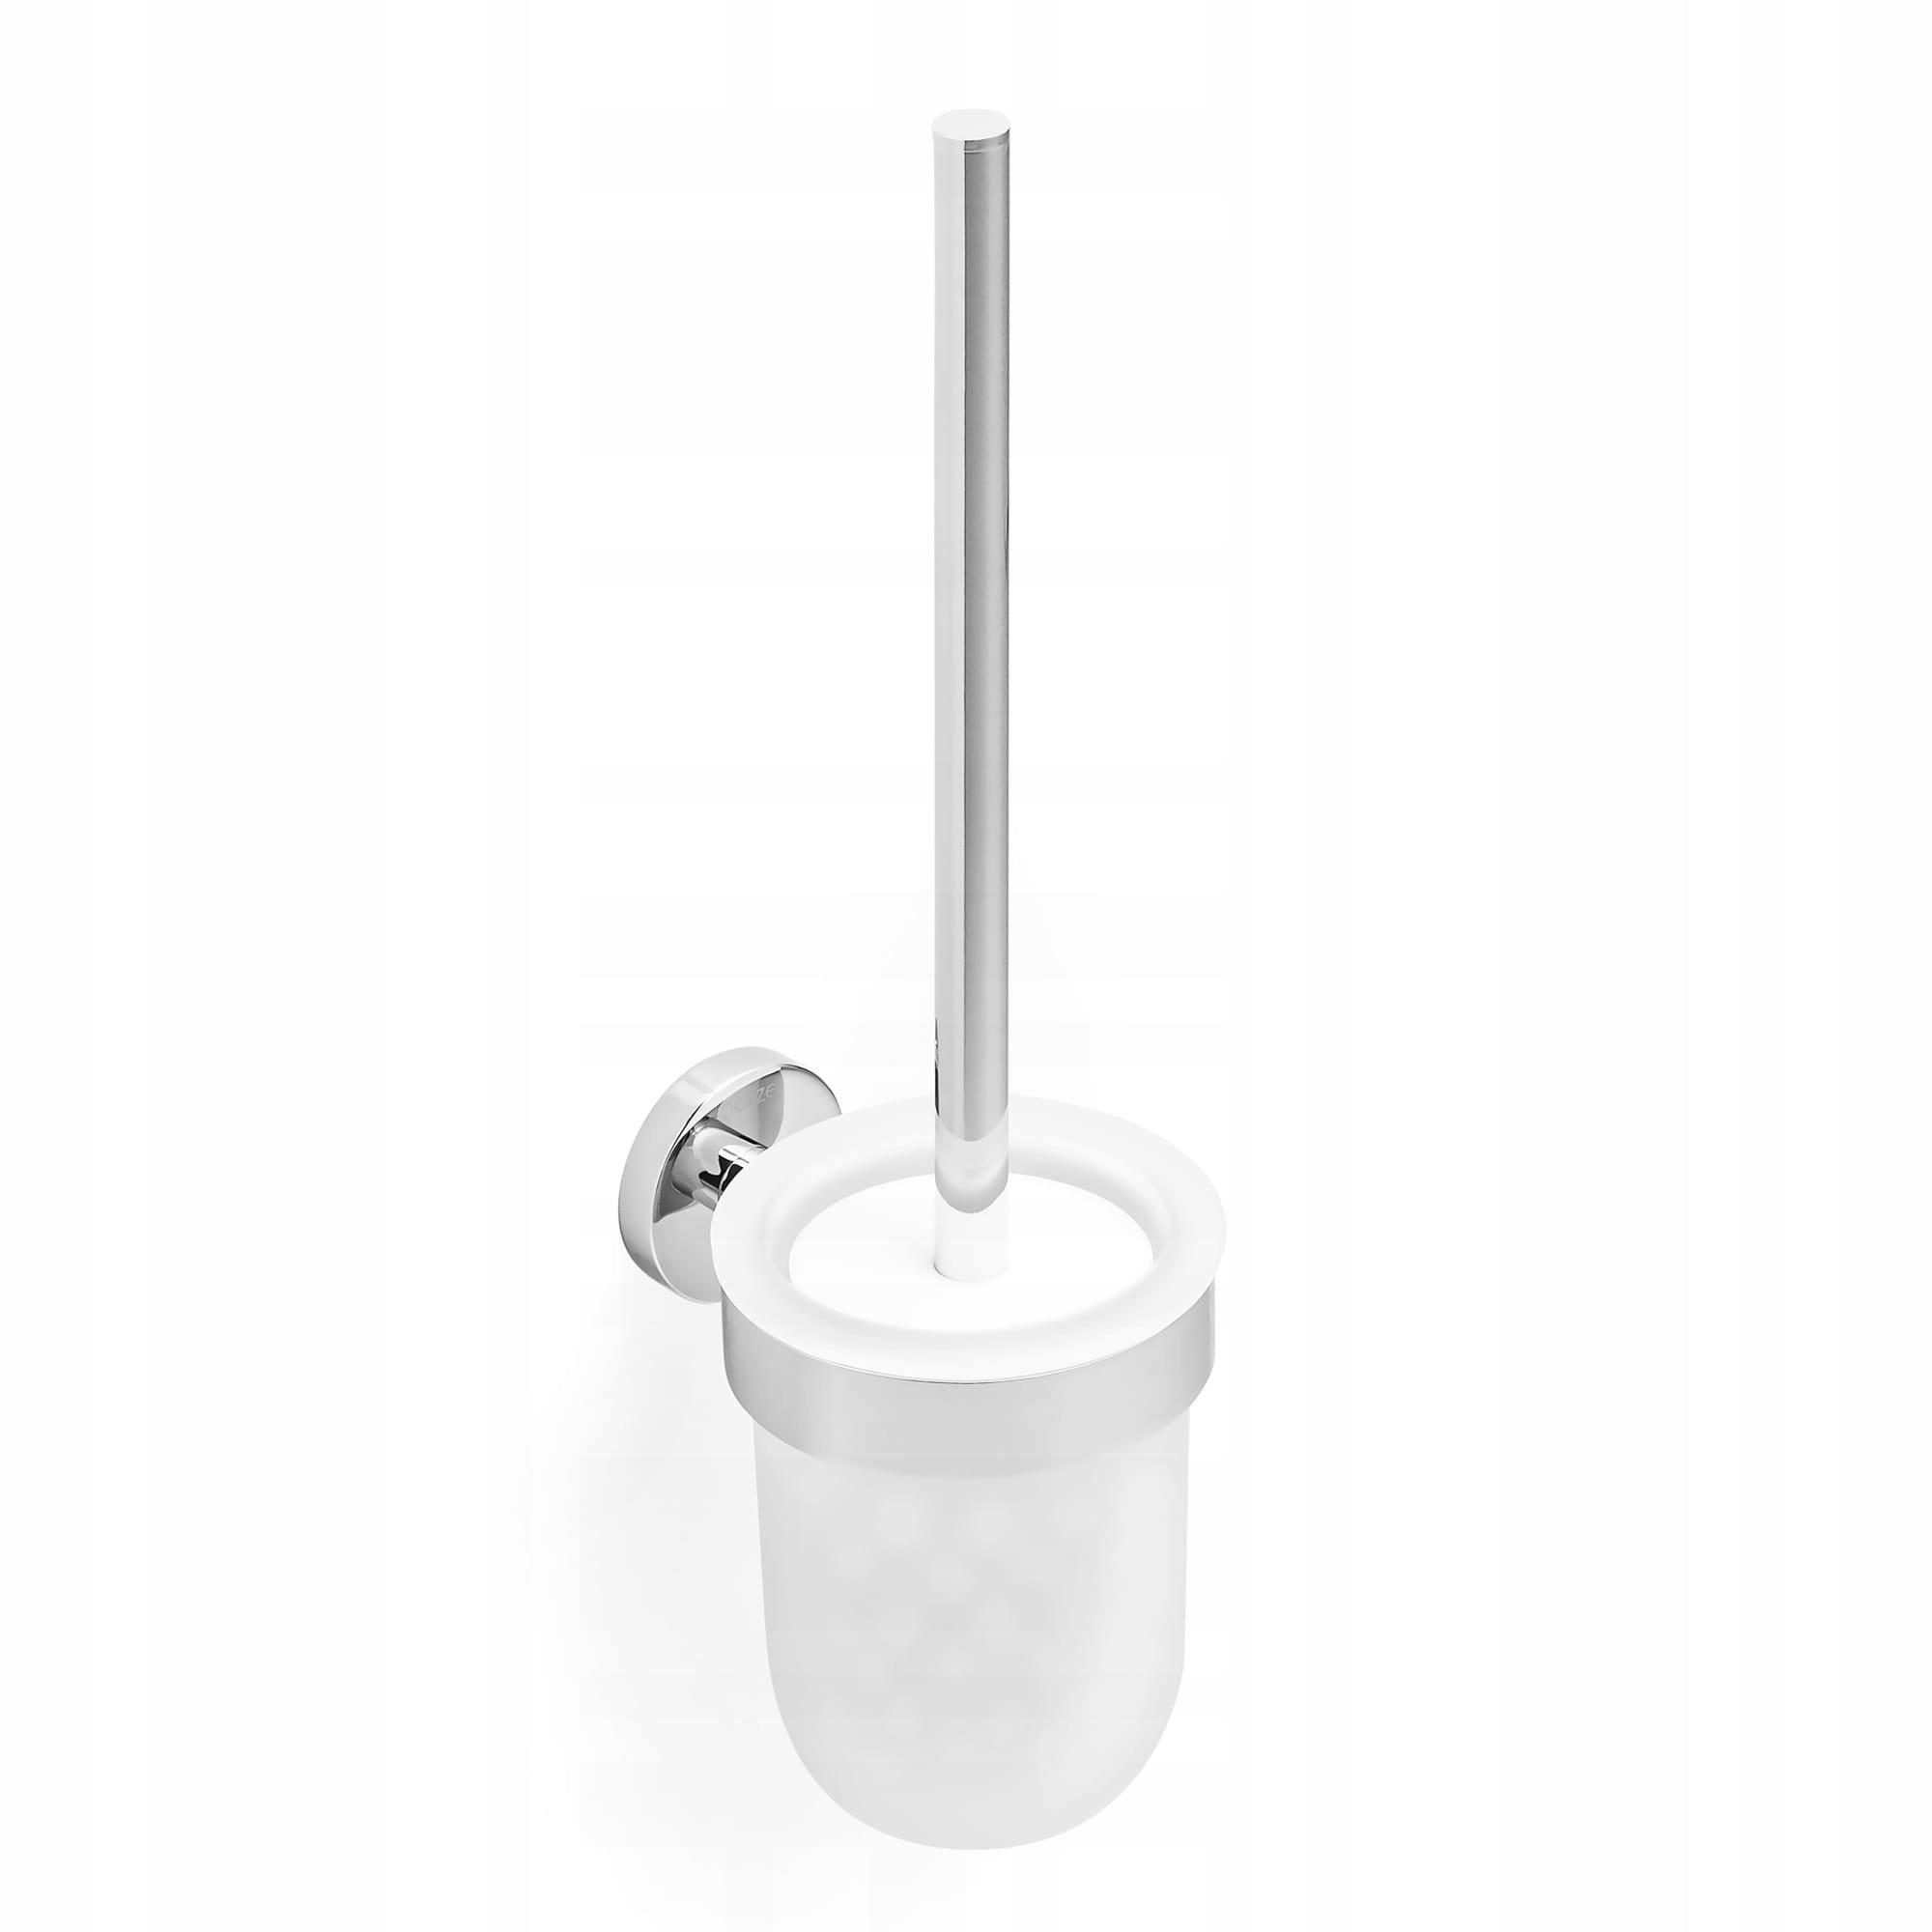 Závesná WC kefa Hozze Model 10-400, chróm